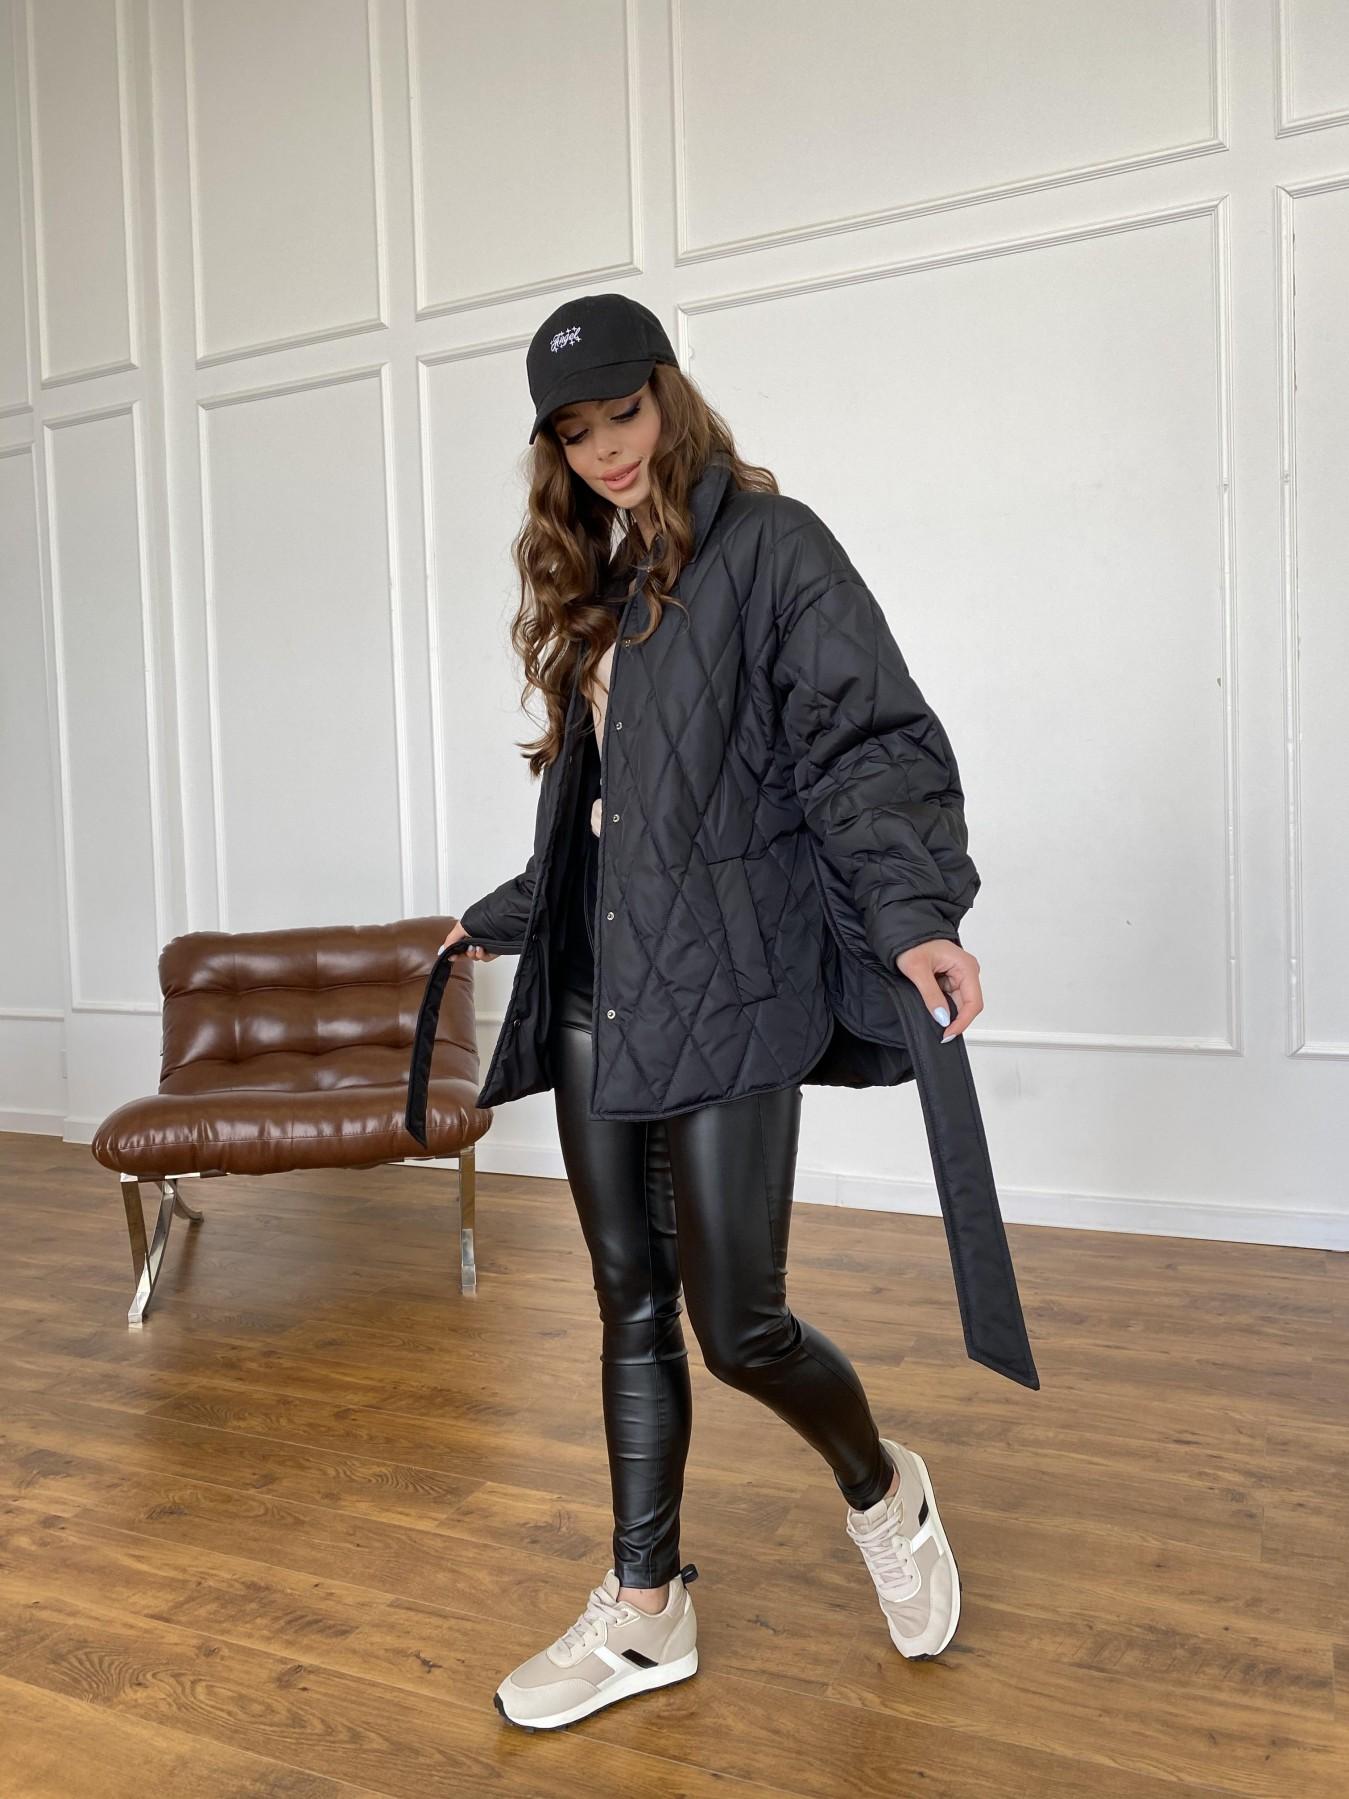 Моно куртка из плащевой ткани Ammy 10972 АРТ. 47618 Цвет: Черный - фото 10, интернет магазин tm-modus.ru